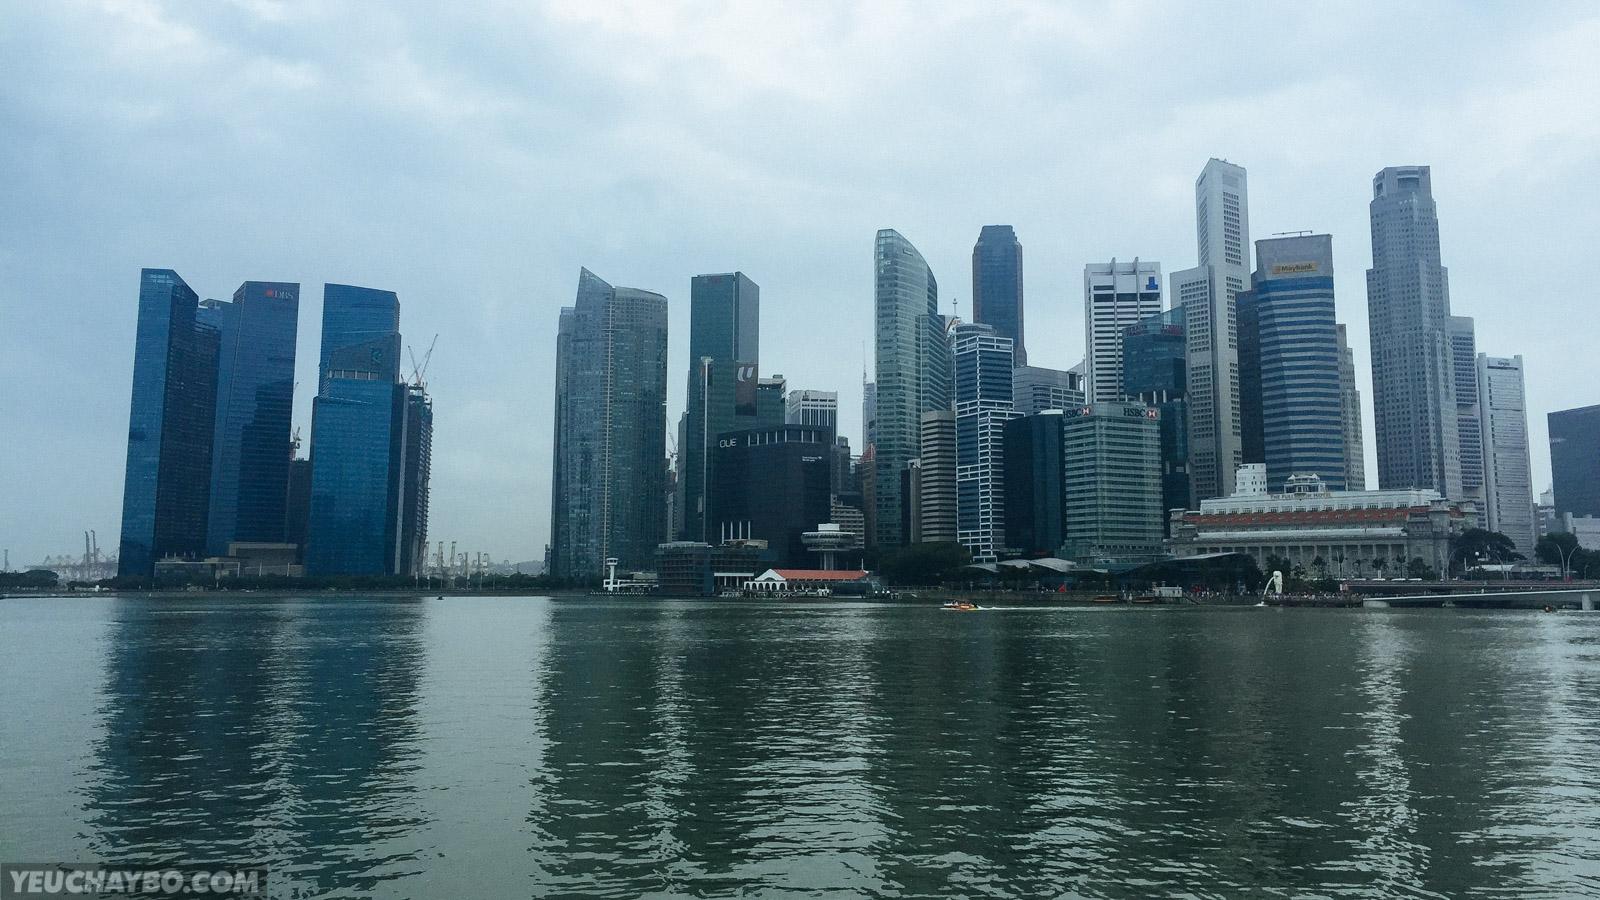 Toàn cảnh trung tâm tài chính của Singapore. Toà nhà mình ở là cái building thứ 4 từ bên trái